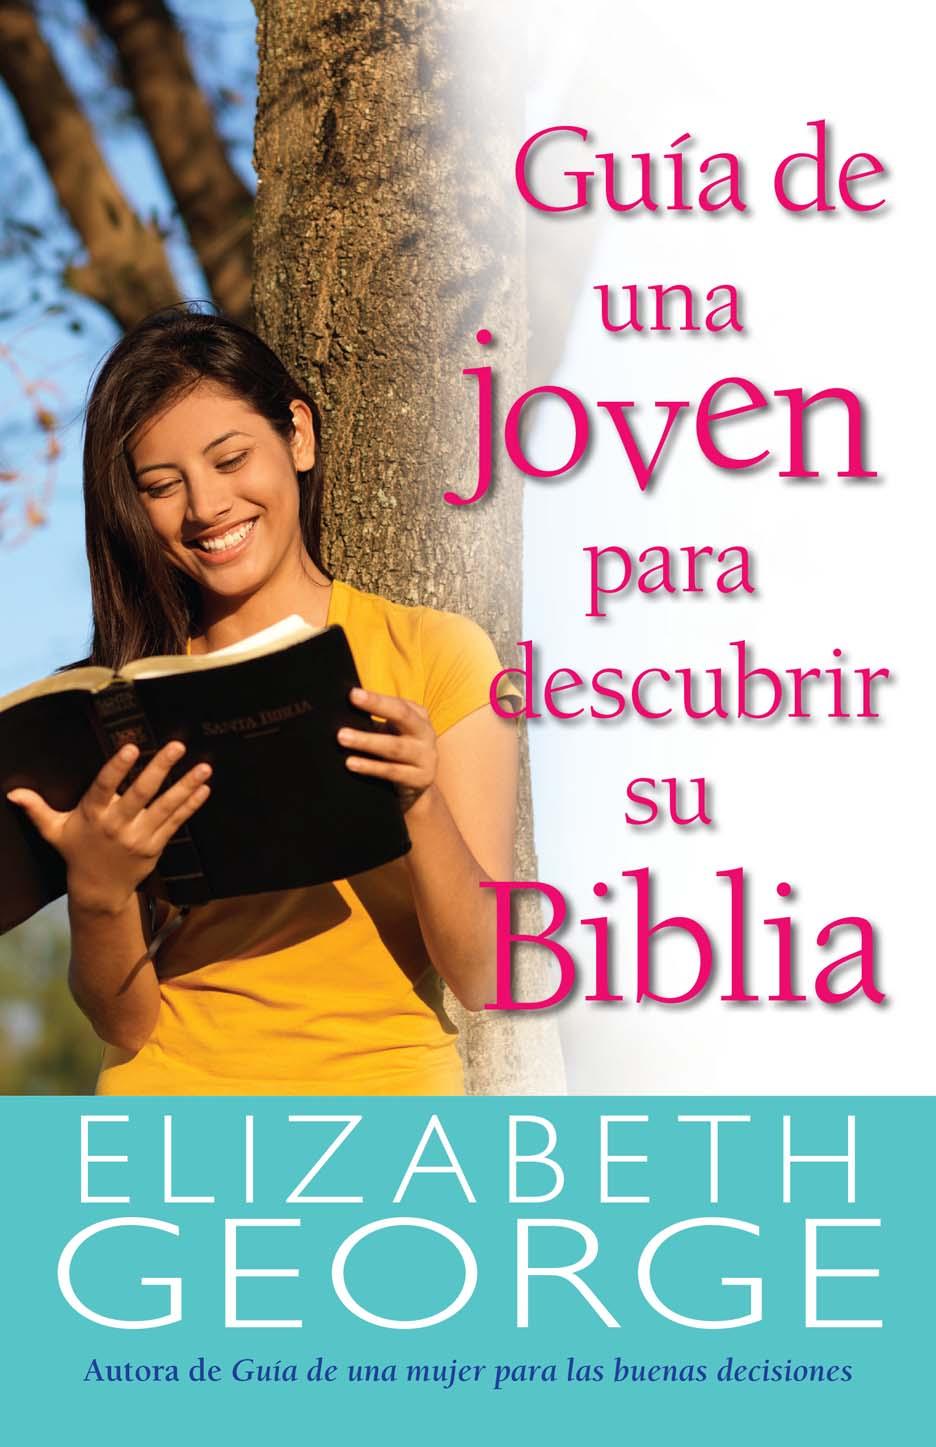 GUIA DE UNA JOVEN PARA DESCUBRIR SU BIBLIA